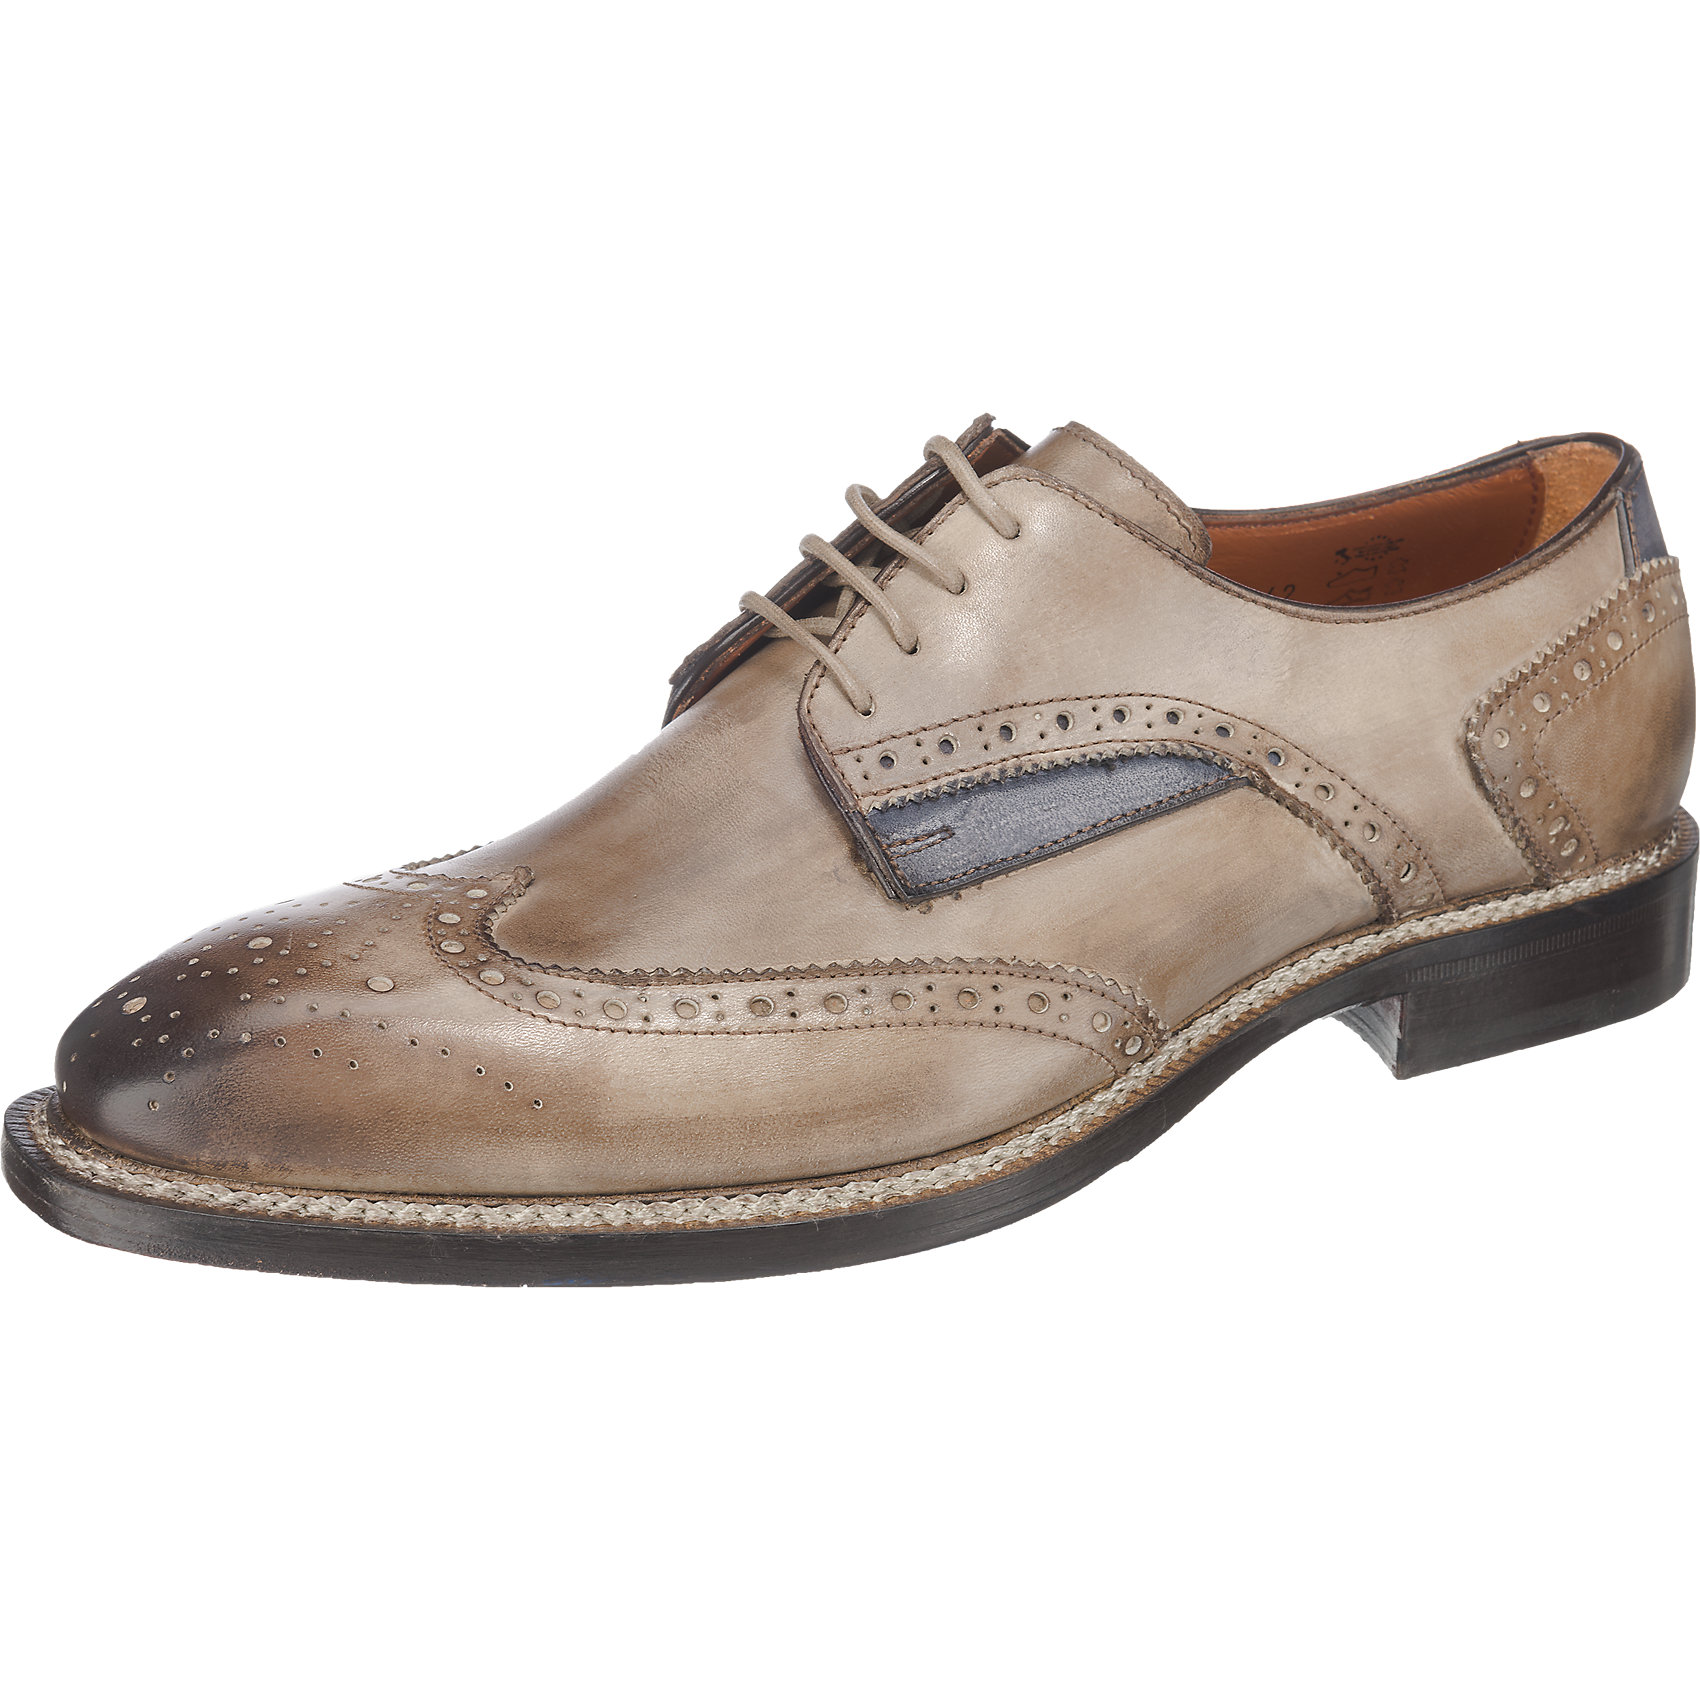 Details zu Neu Flecs Business Schuhe beige 5763722